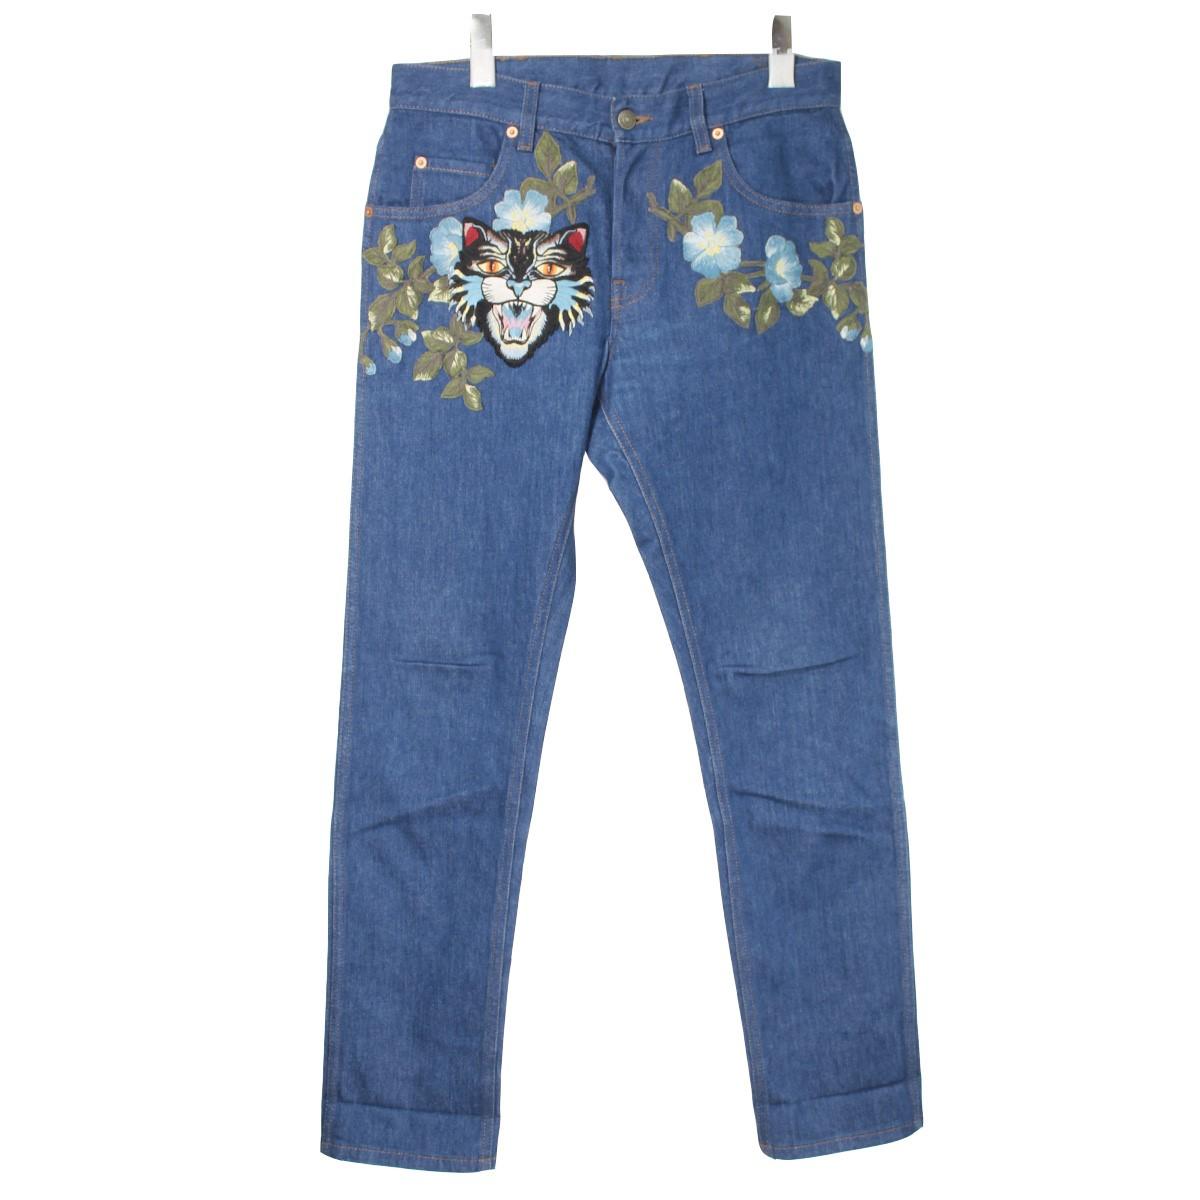 【中古】GUCCI17SS アングリーキャット 刺繍デザインデニムパンツ インディゴ サイズ:30【2月3日見直し】